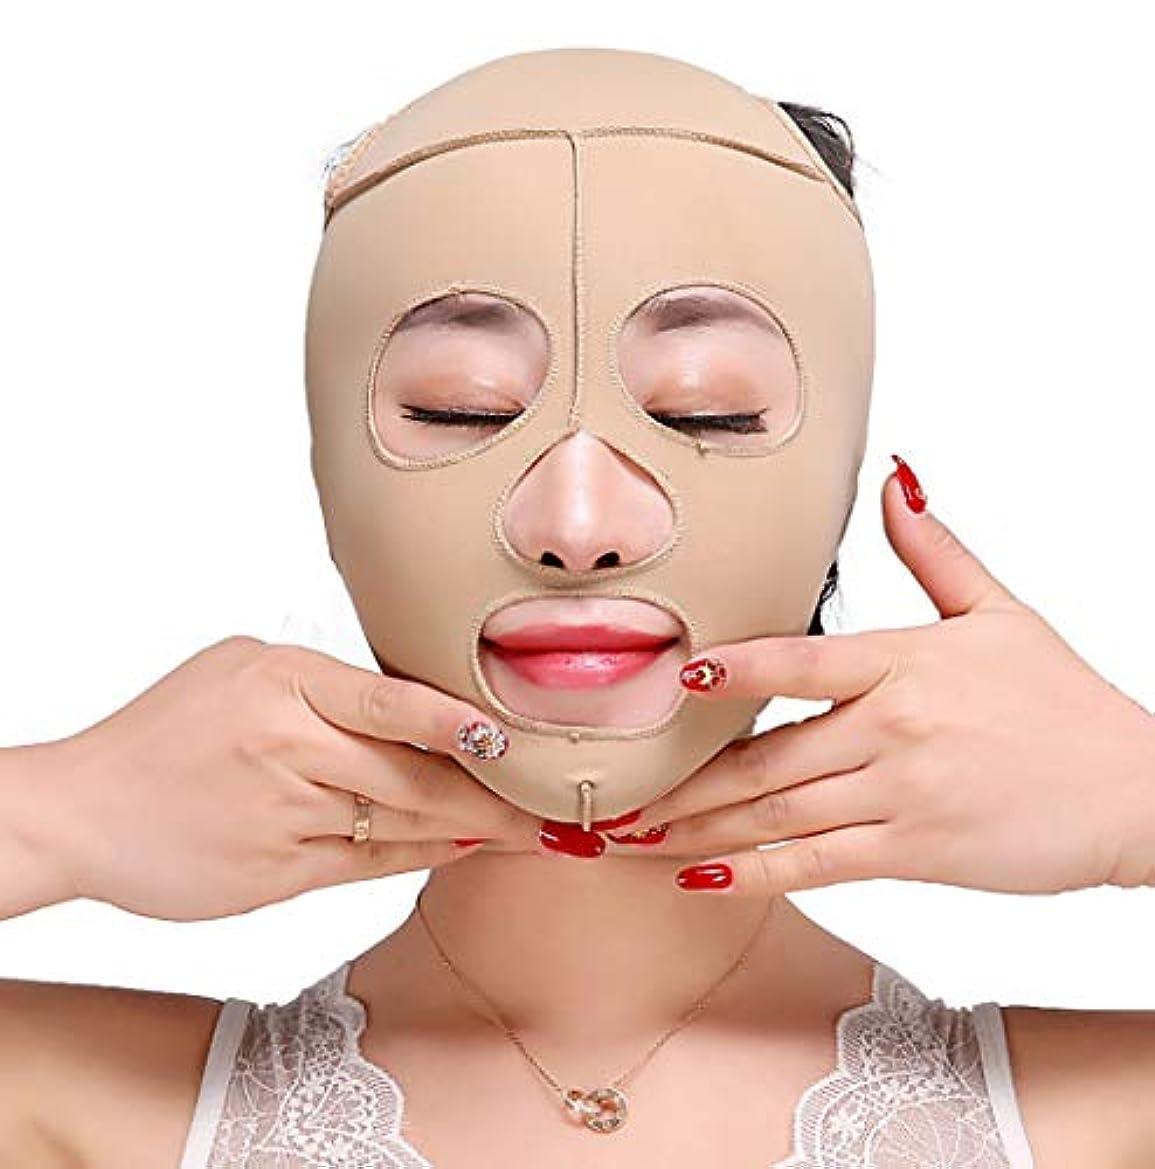 バック荒れ地ポーンGLJJQMY 痩身ベルト痩身ベルト薄い顔の包帯小V顔の顔の薄い顔のマスク包帯の強化引き締めV顔美容マスク小さな顔の包帯の頭飾り修正顔の形 顔用整形マスク (Size : M)